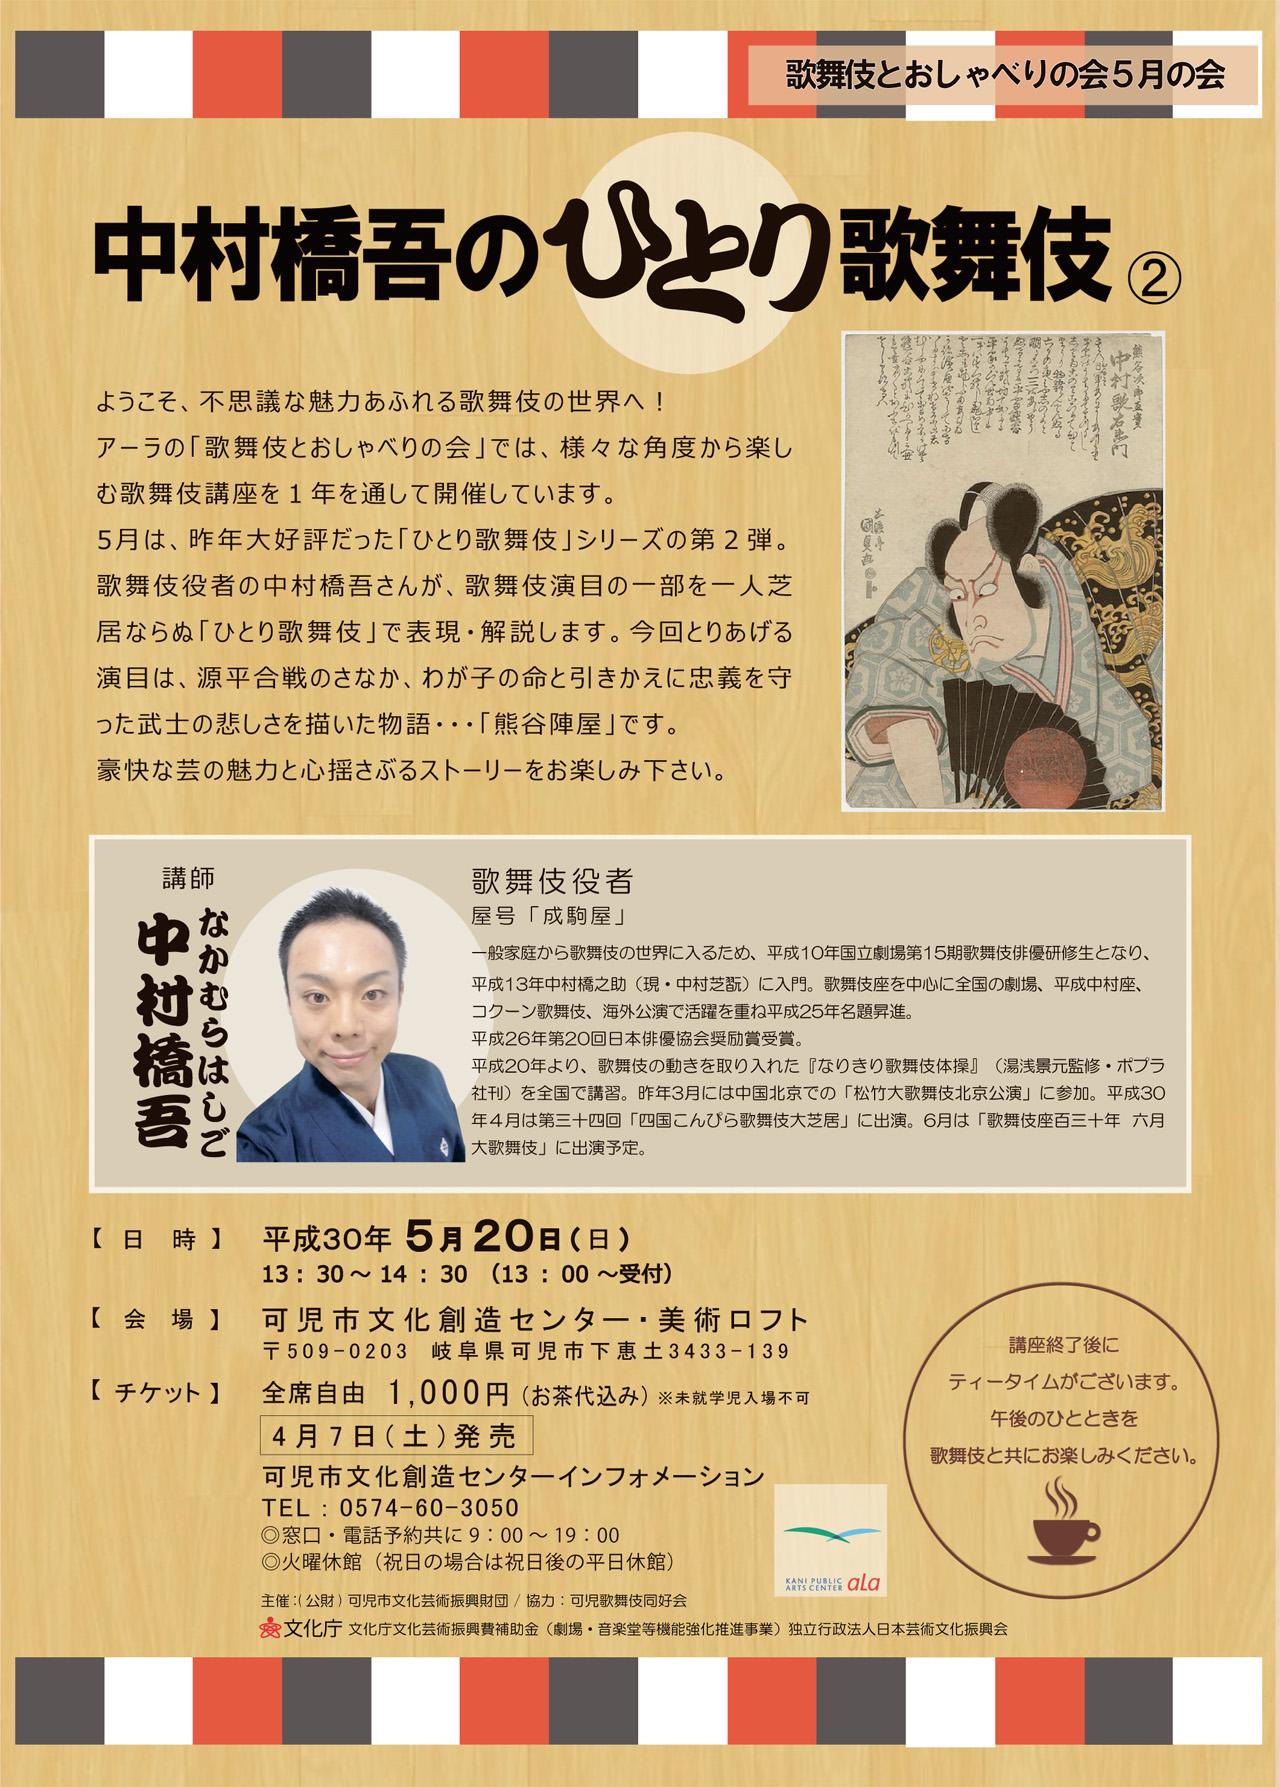 歌舞伎とおしゃべりの会 5月の会「中村橋吾のひとり歌舞伎」